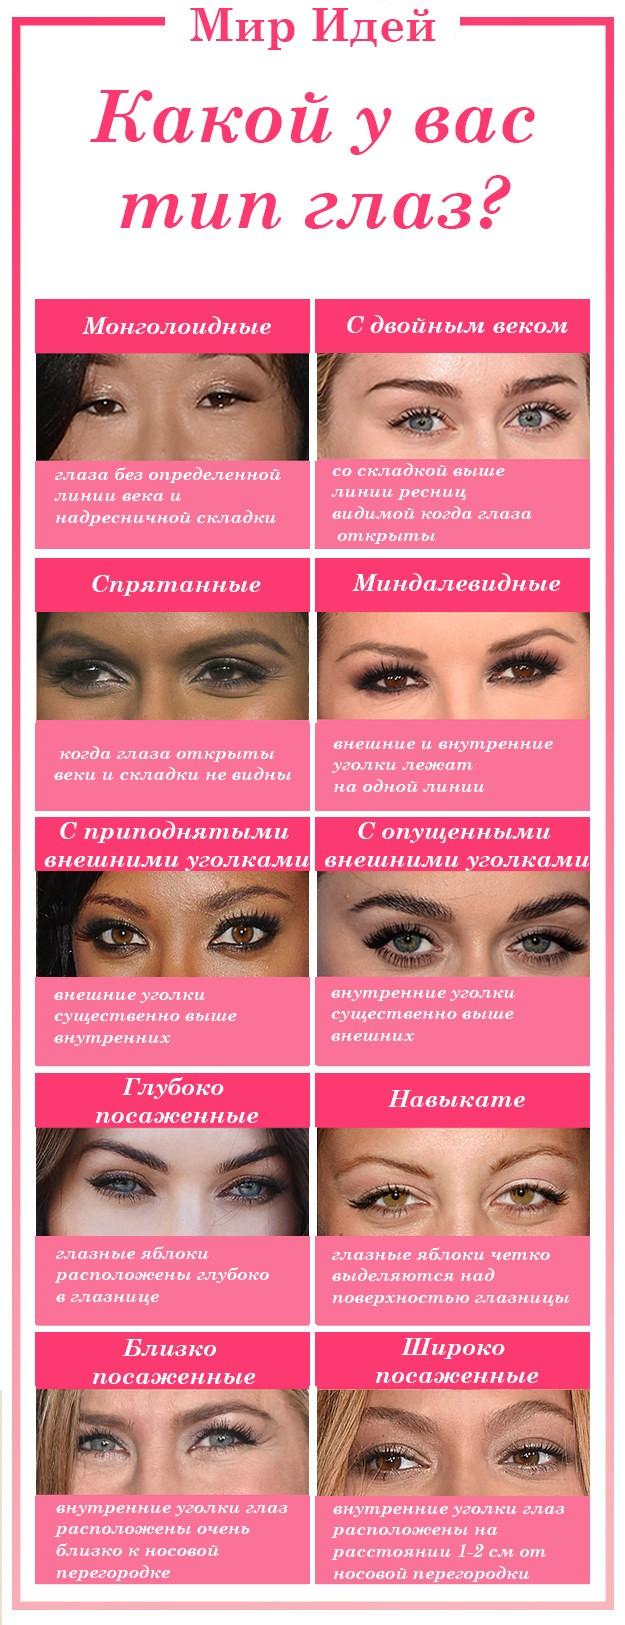 Как правильно накрасить глаза поэтапно